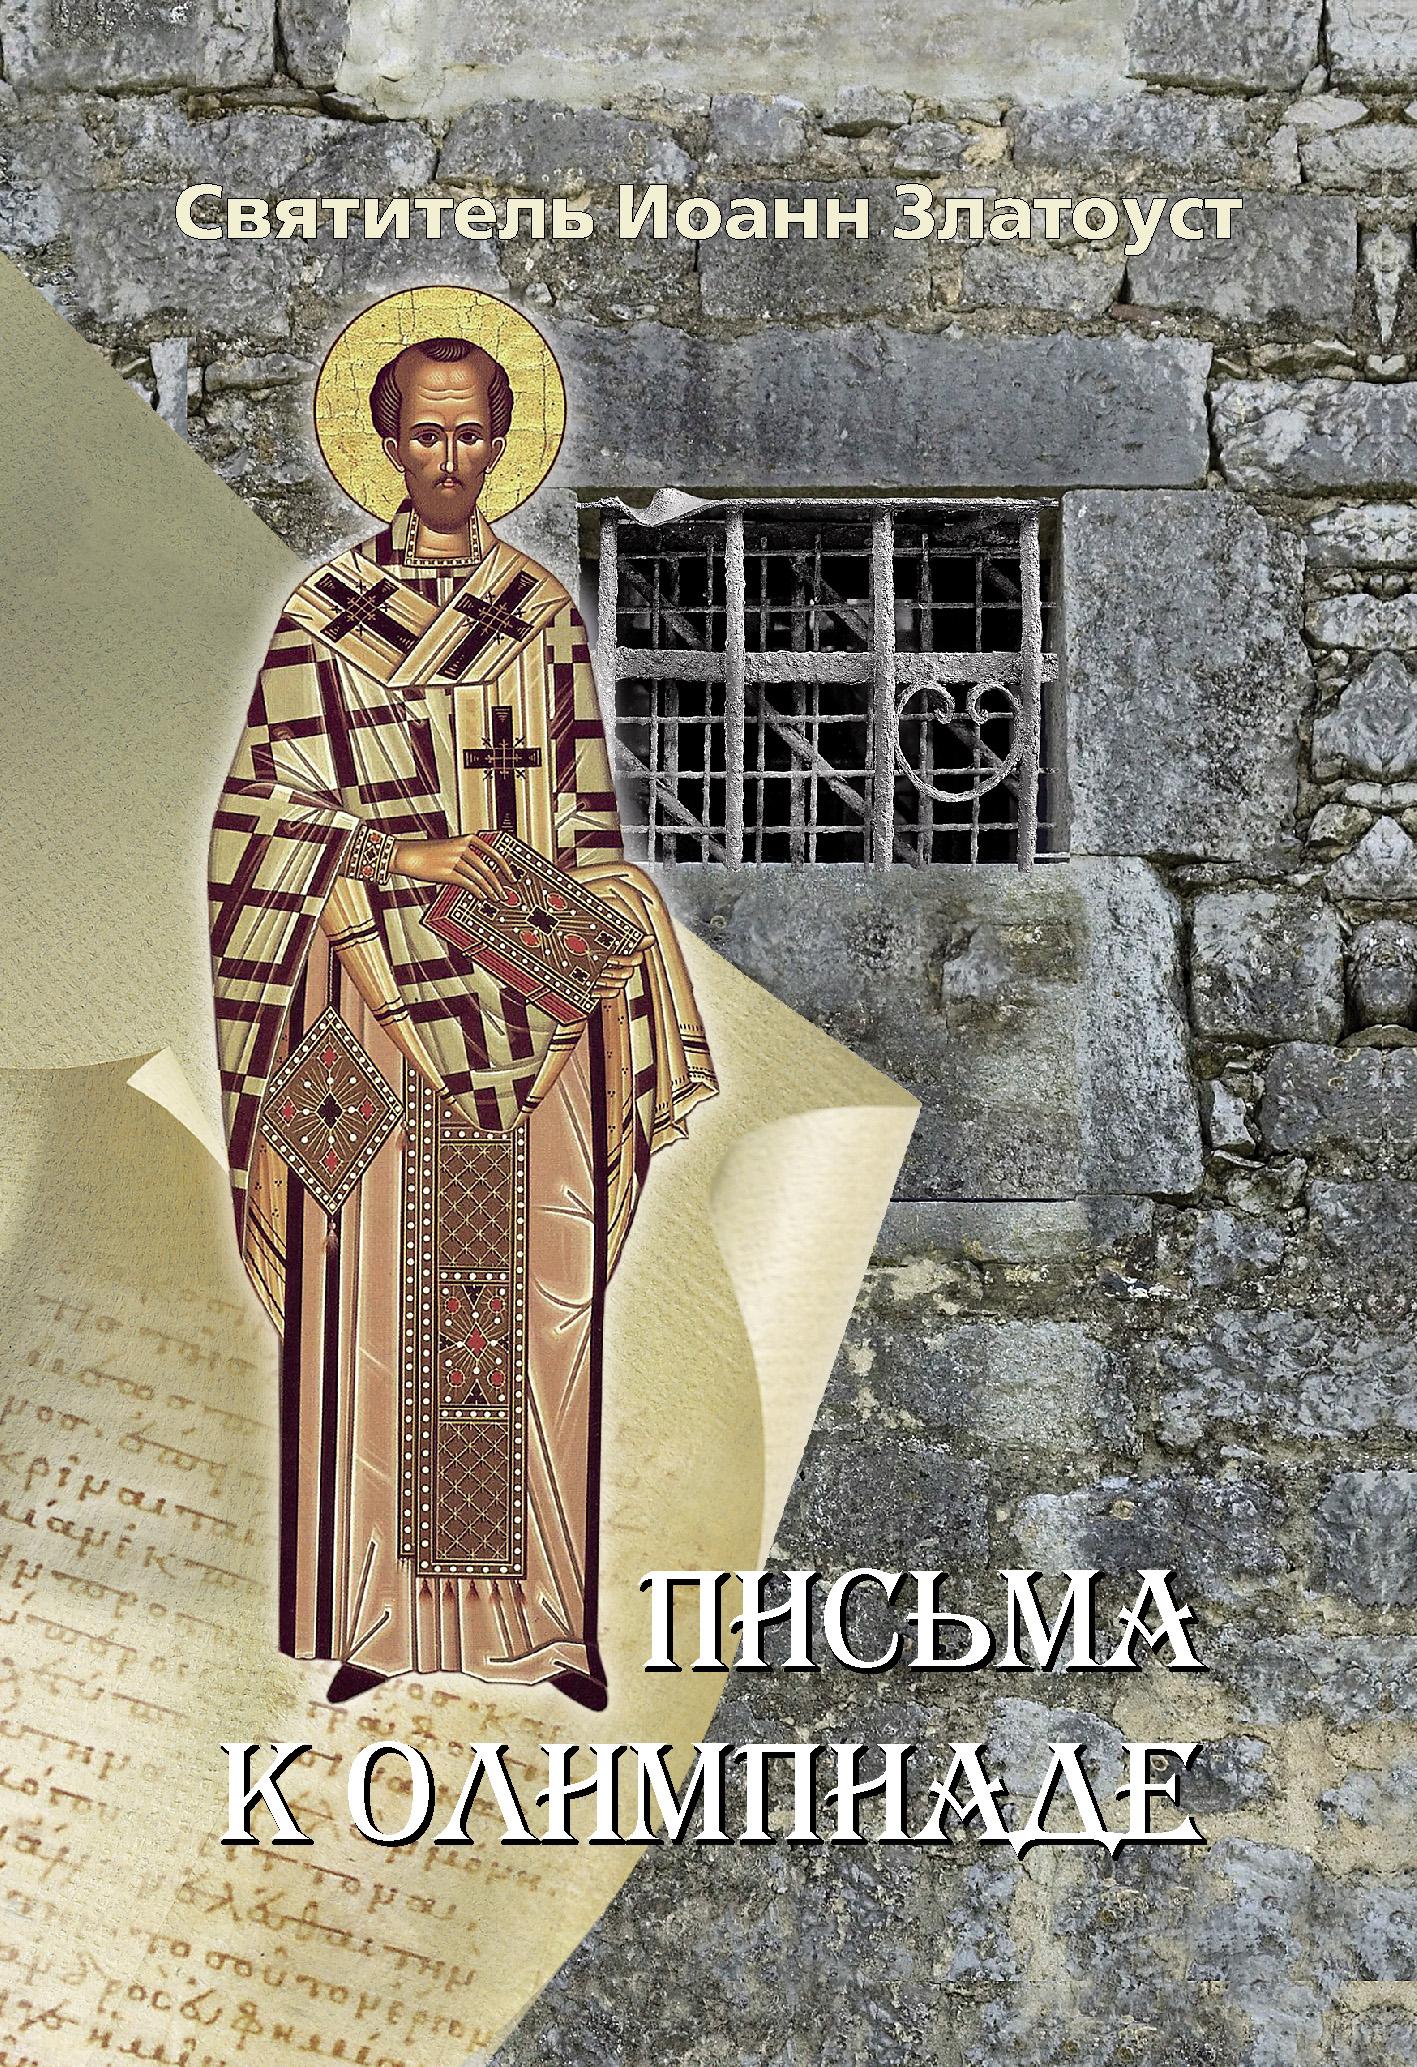 Святитель Иоанн Златоуст Письма к Олимпиаде